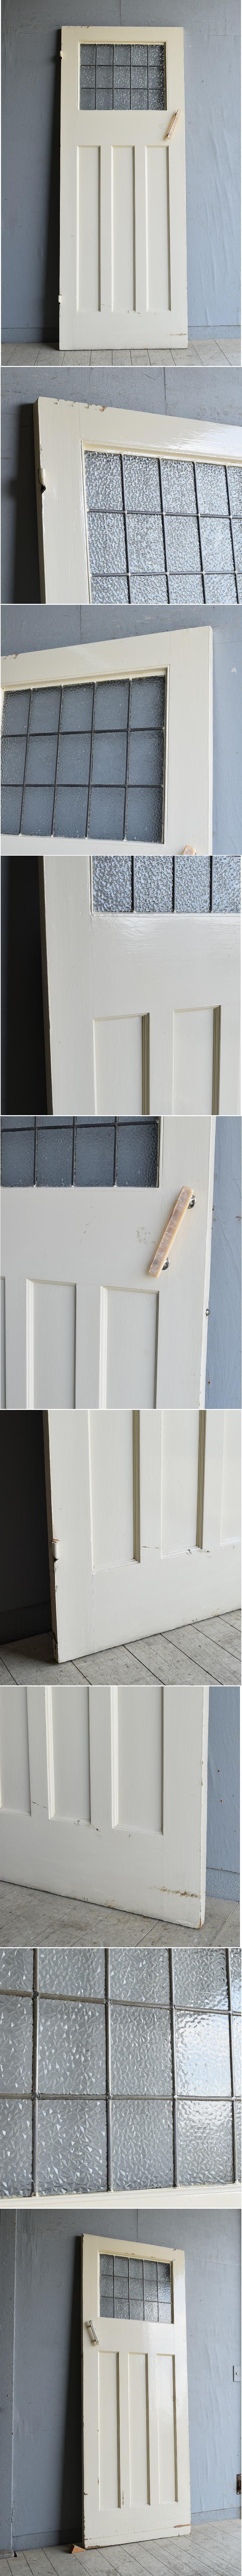 イギリス アンティーク ドア 扉 建具 8259